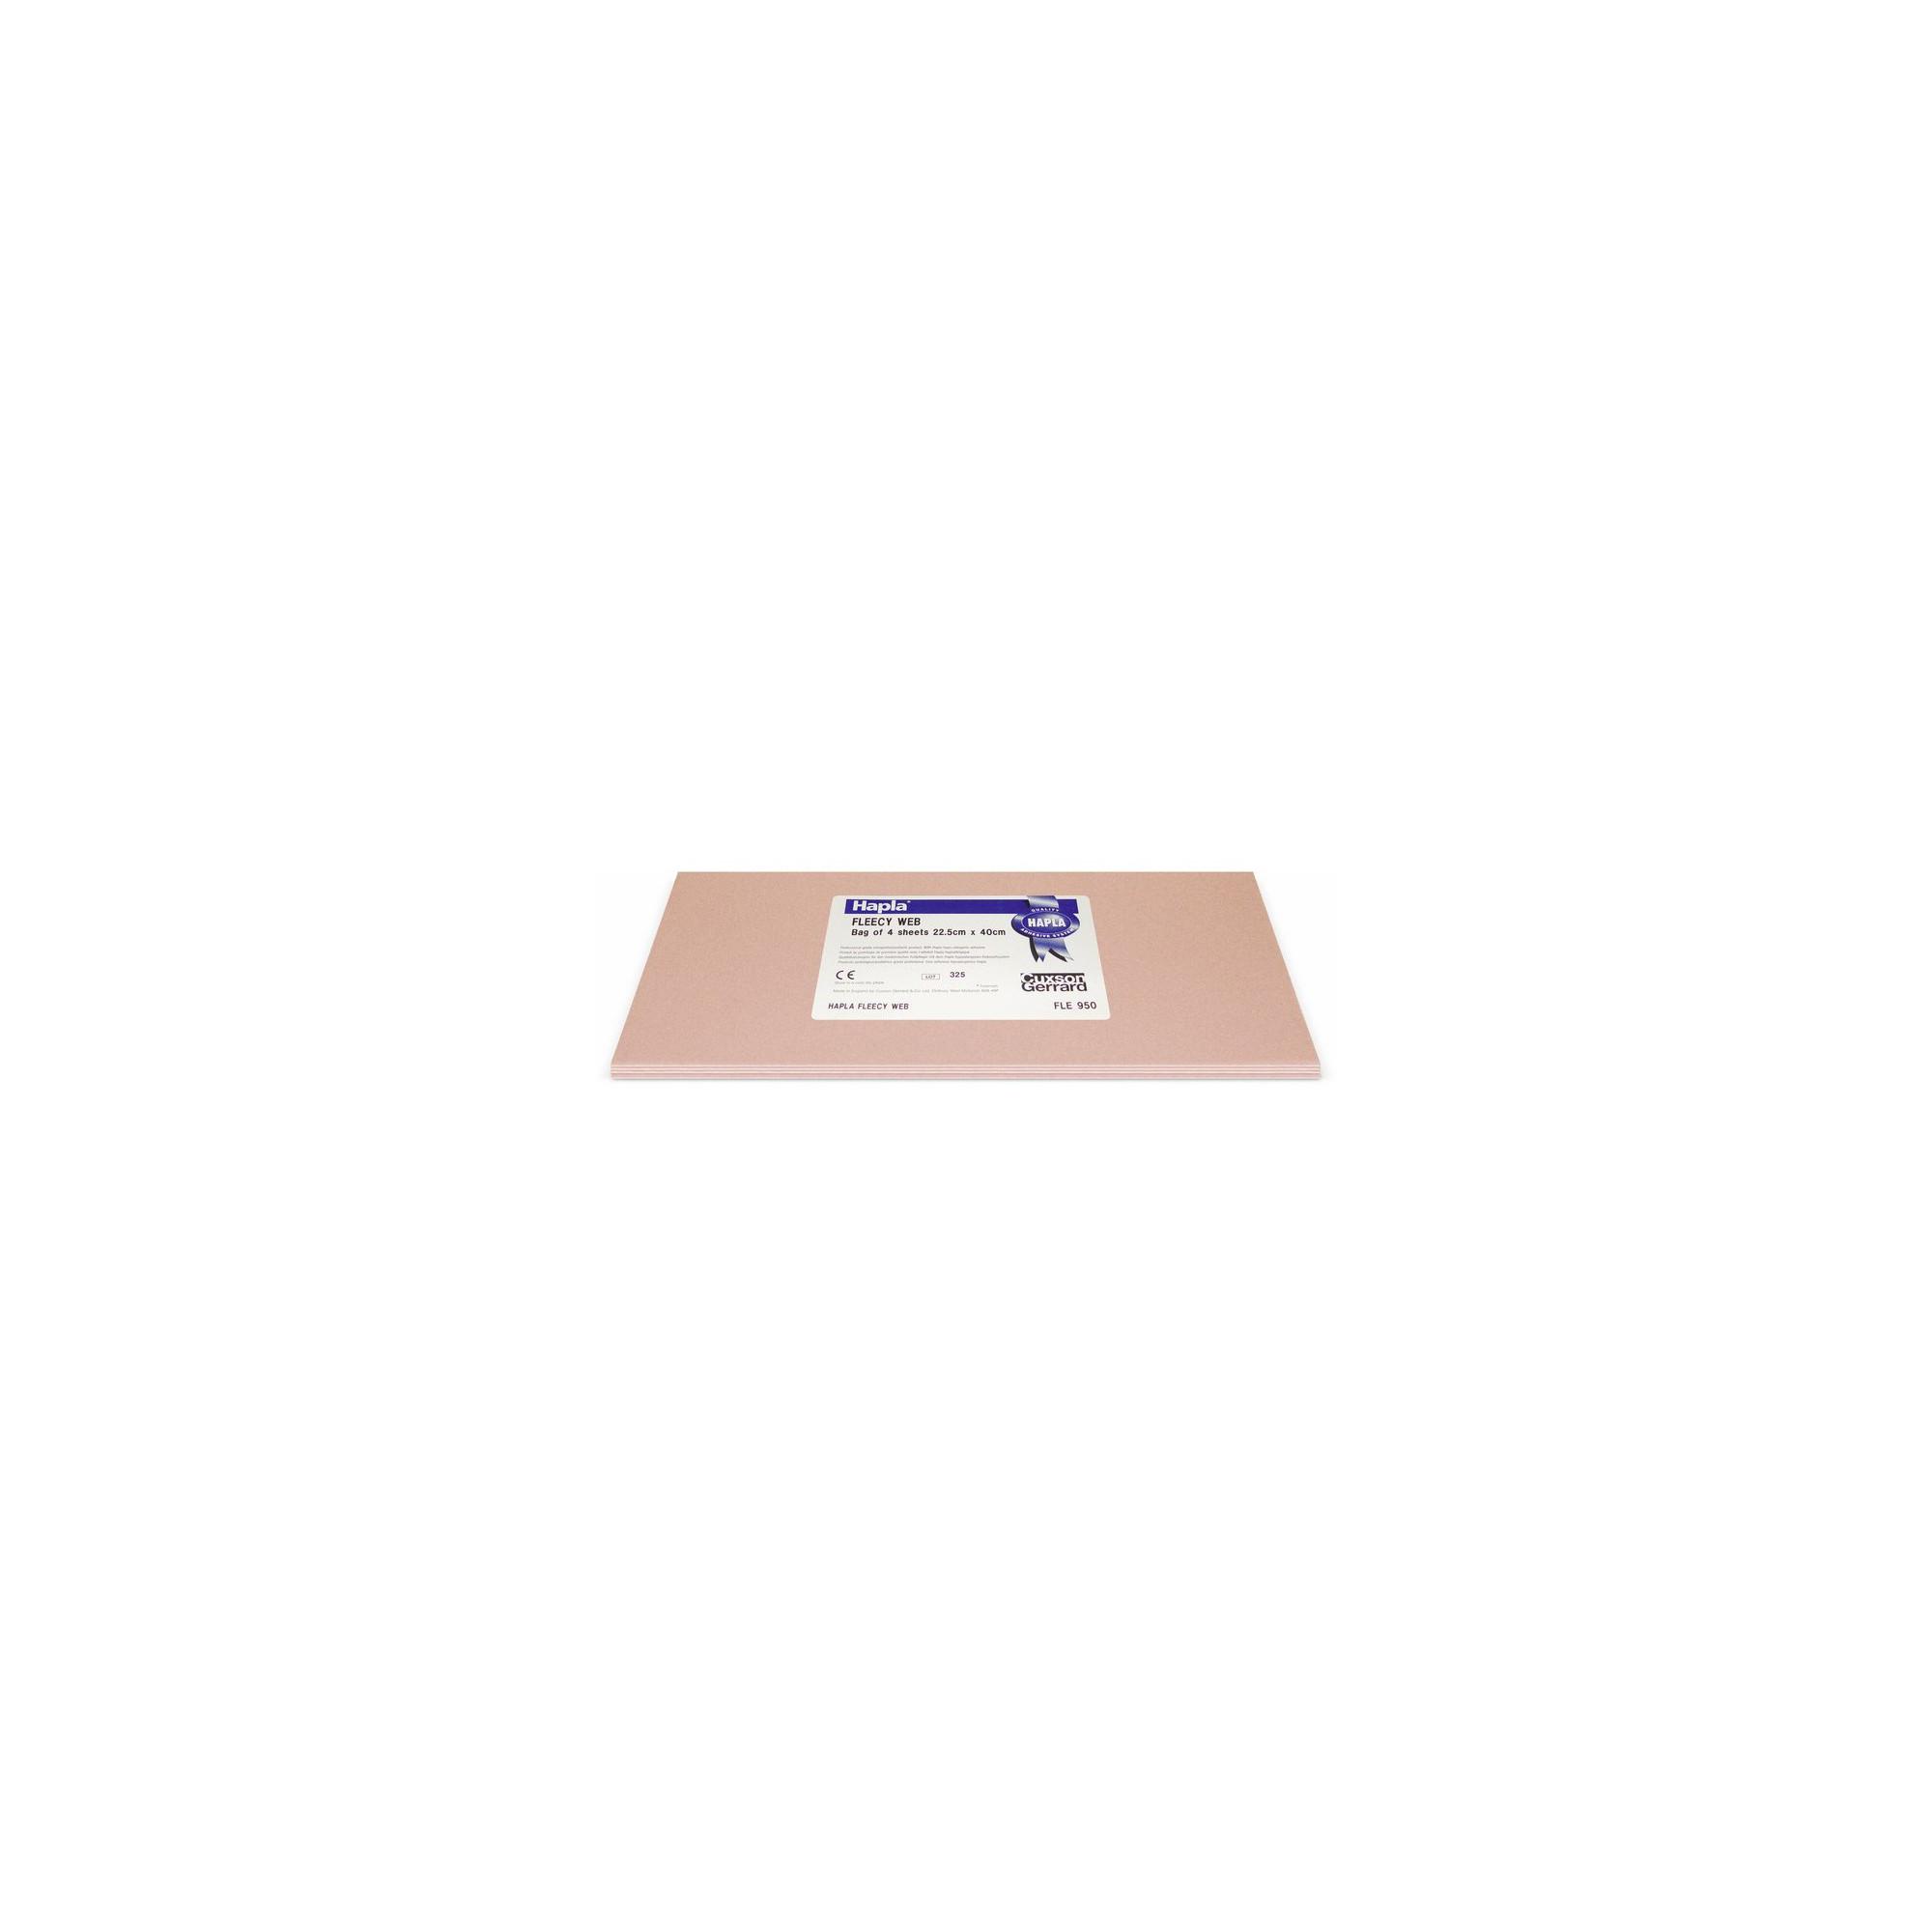 Hapla Fleecy Web - Plaque bandage adhésif